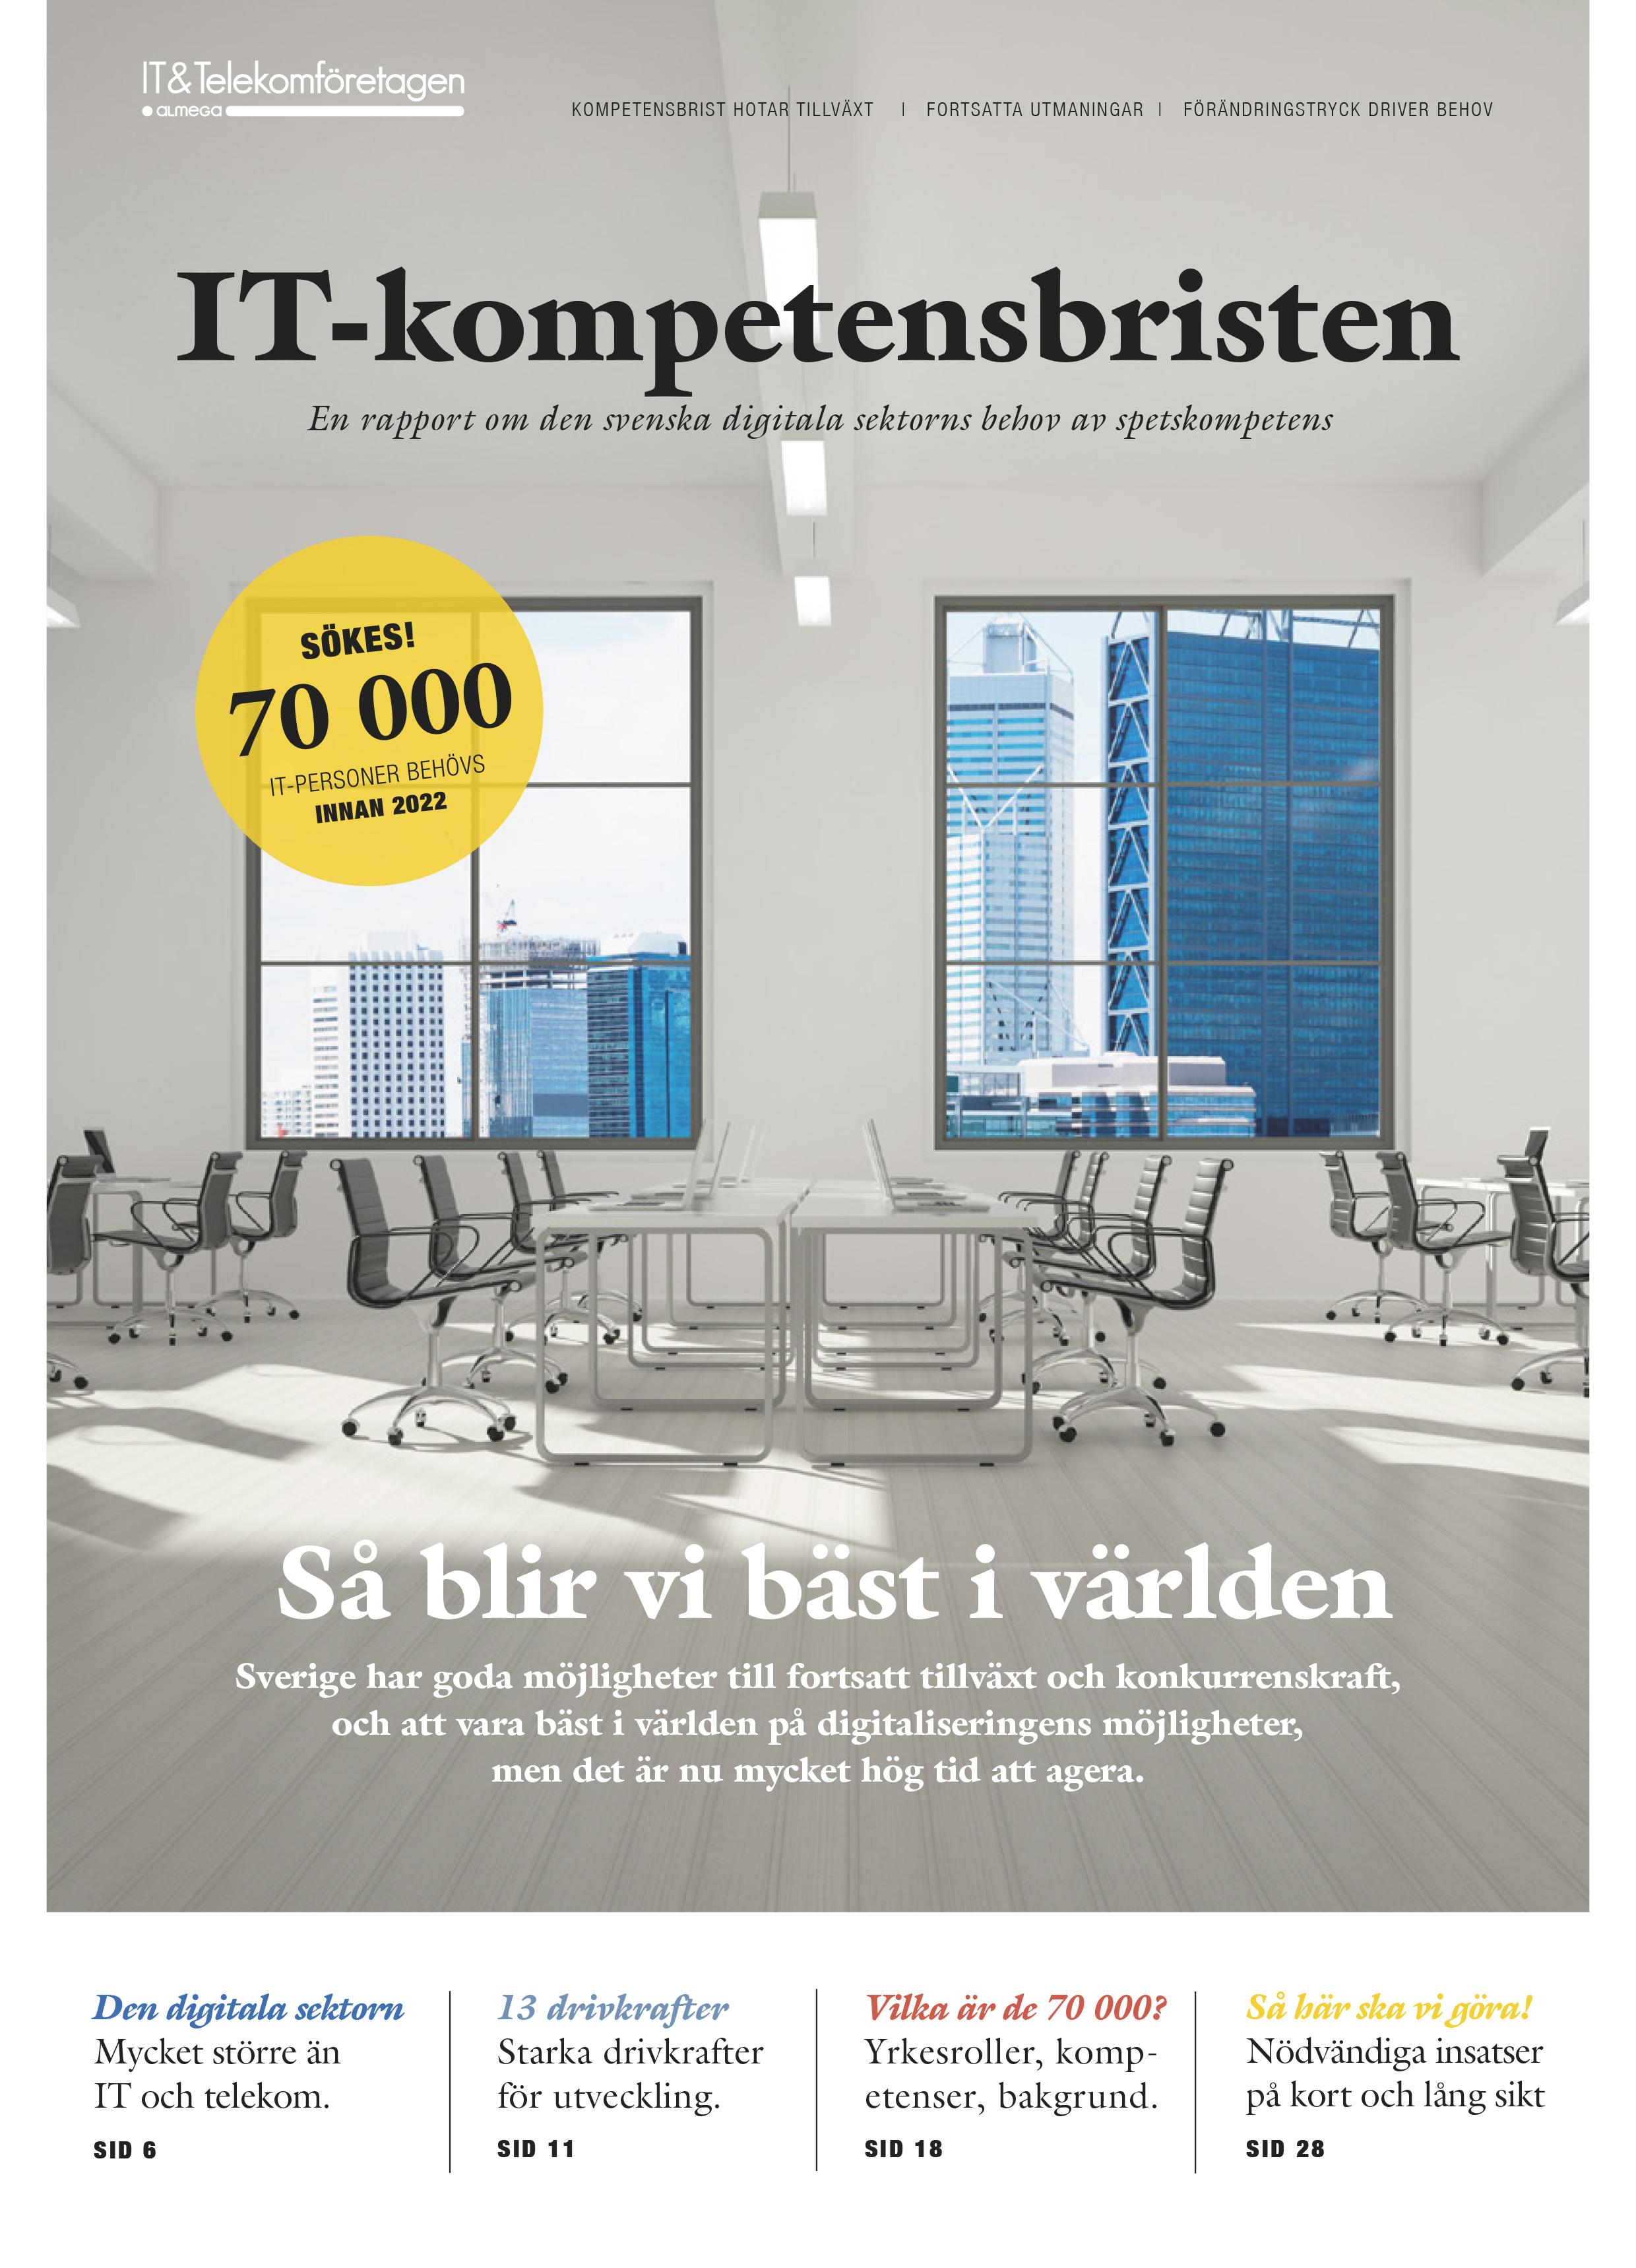 IT-kompetensbristen – en rapport om den svenska digitala sektorns behov av spetskompetens